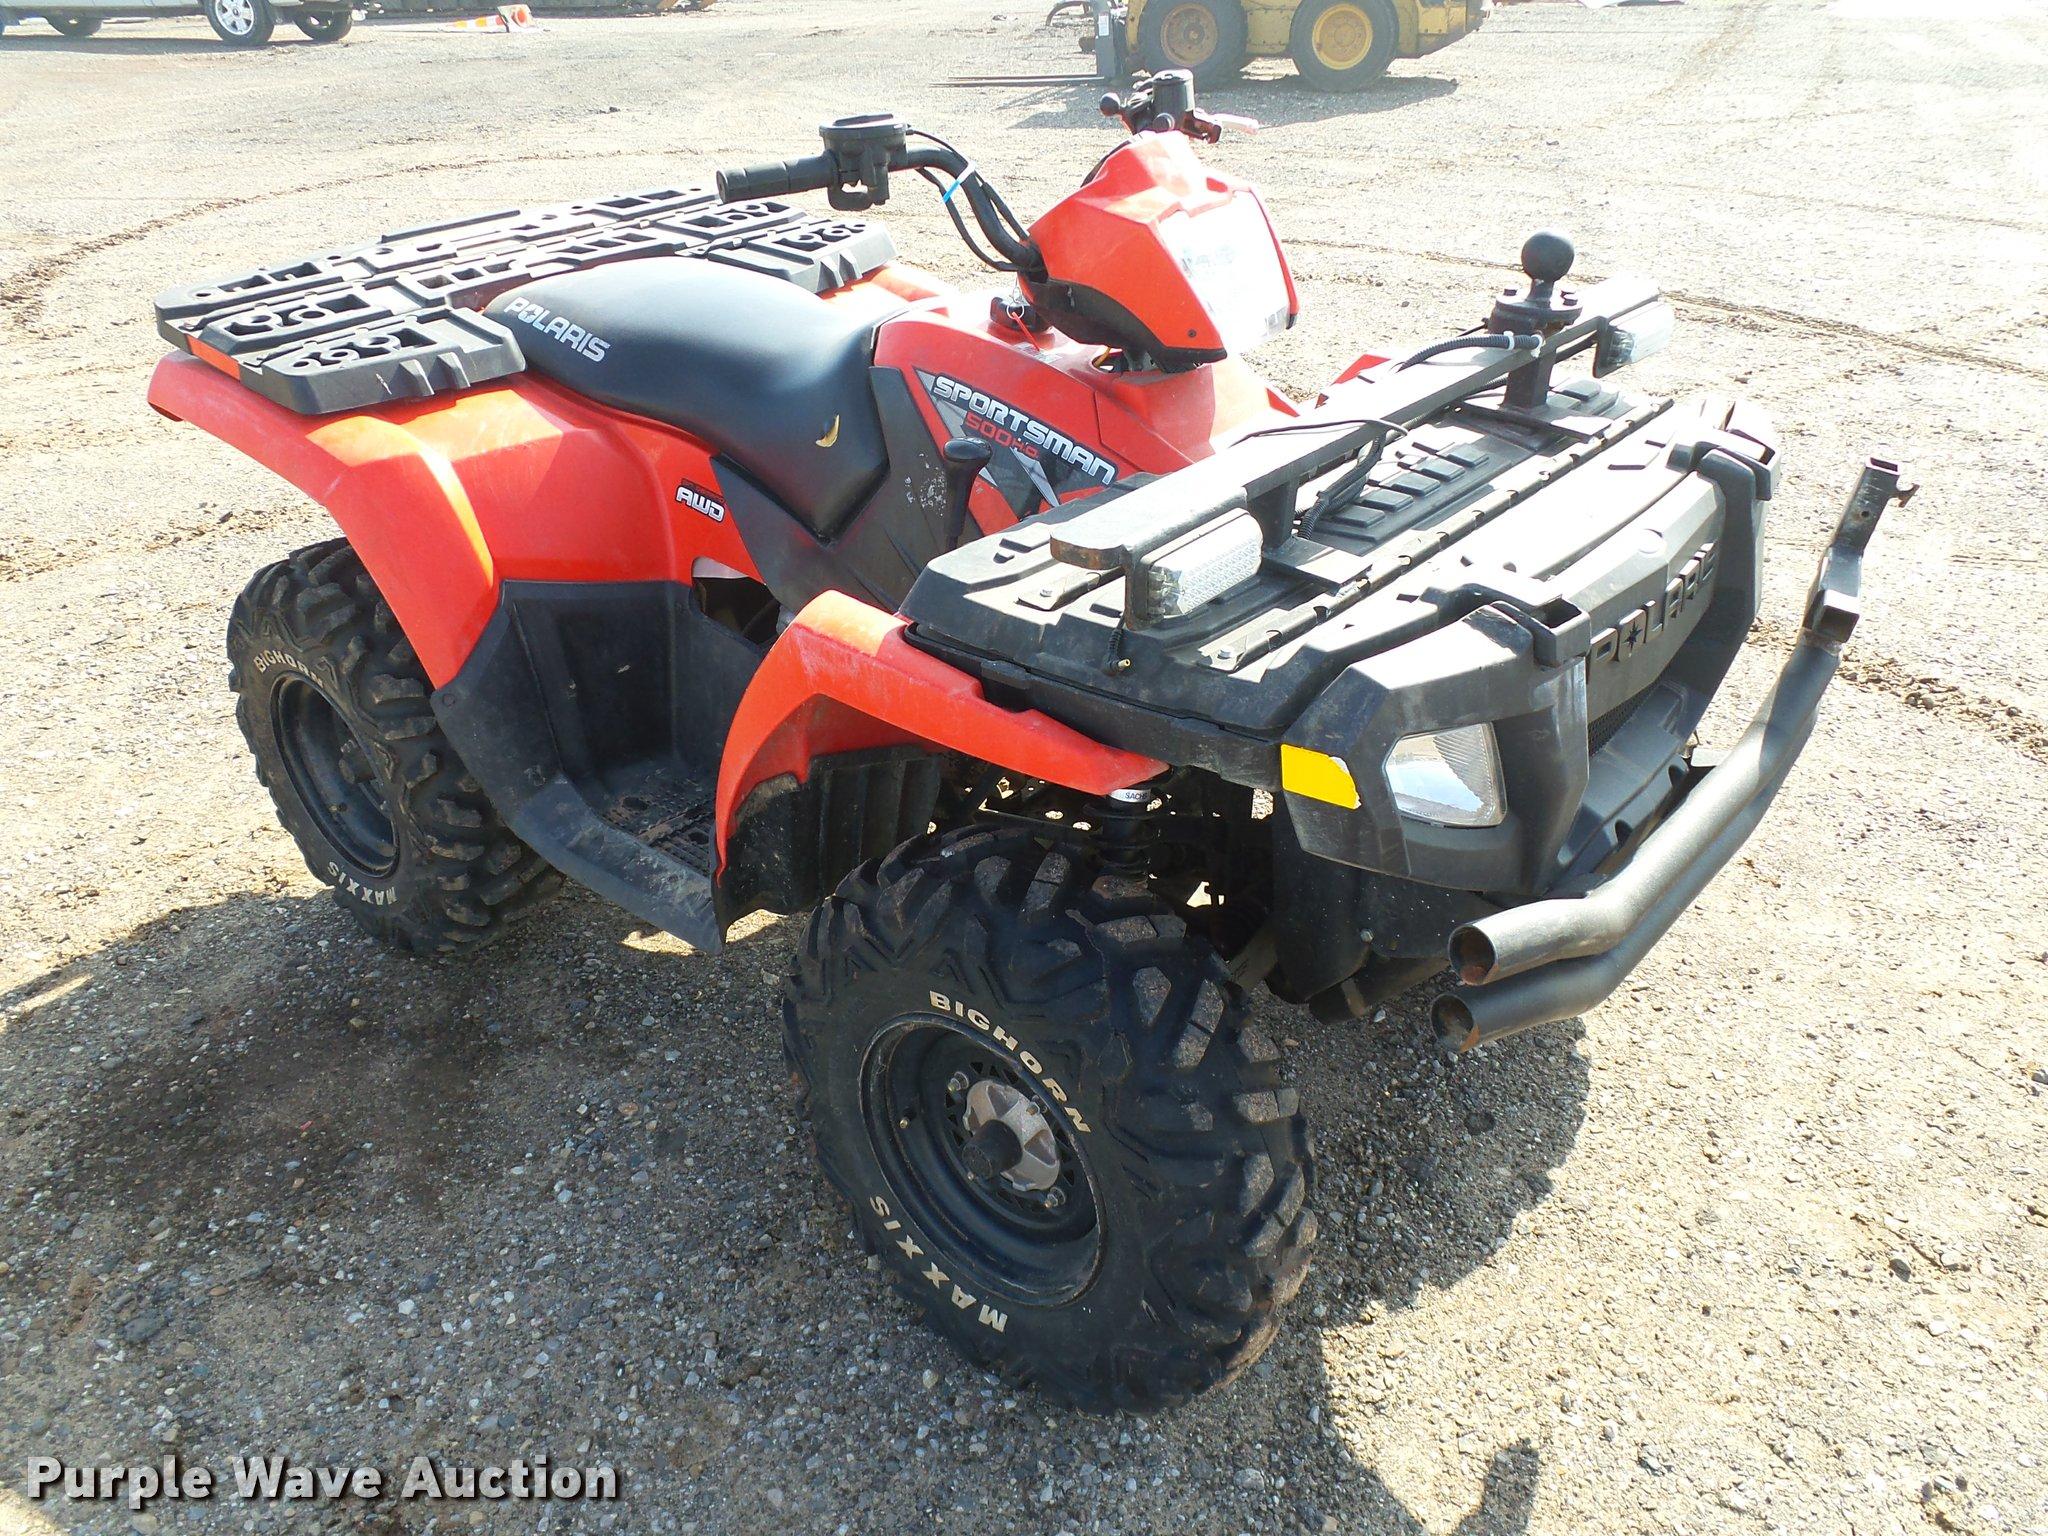 2010 Polaris Sportsman 500 ATV | Item DB0220 | SOLD! May 24